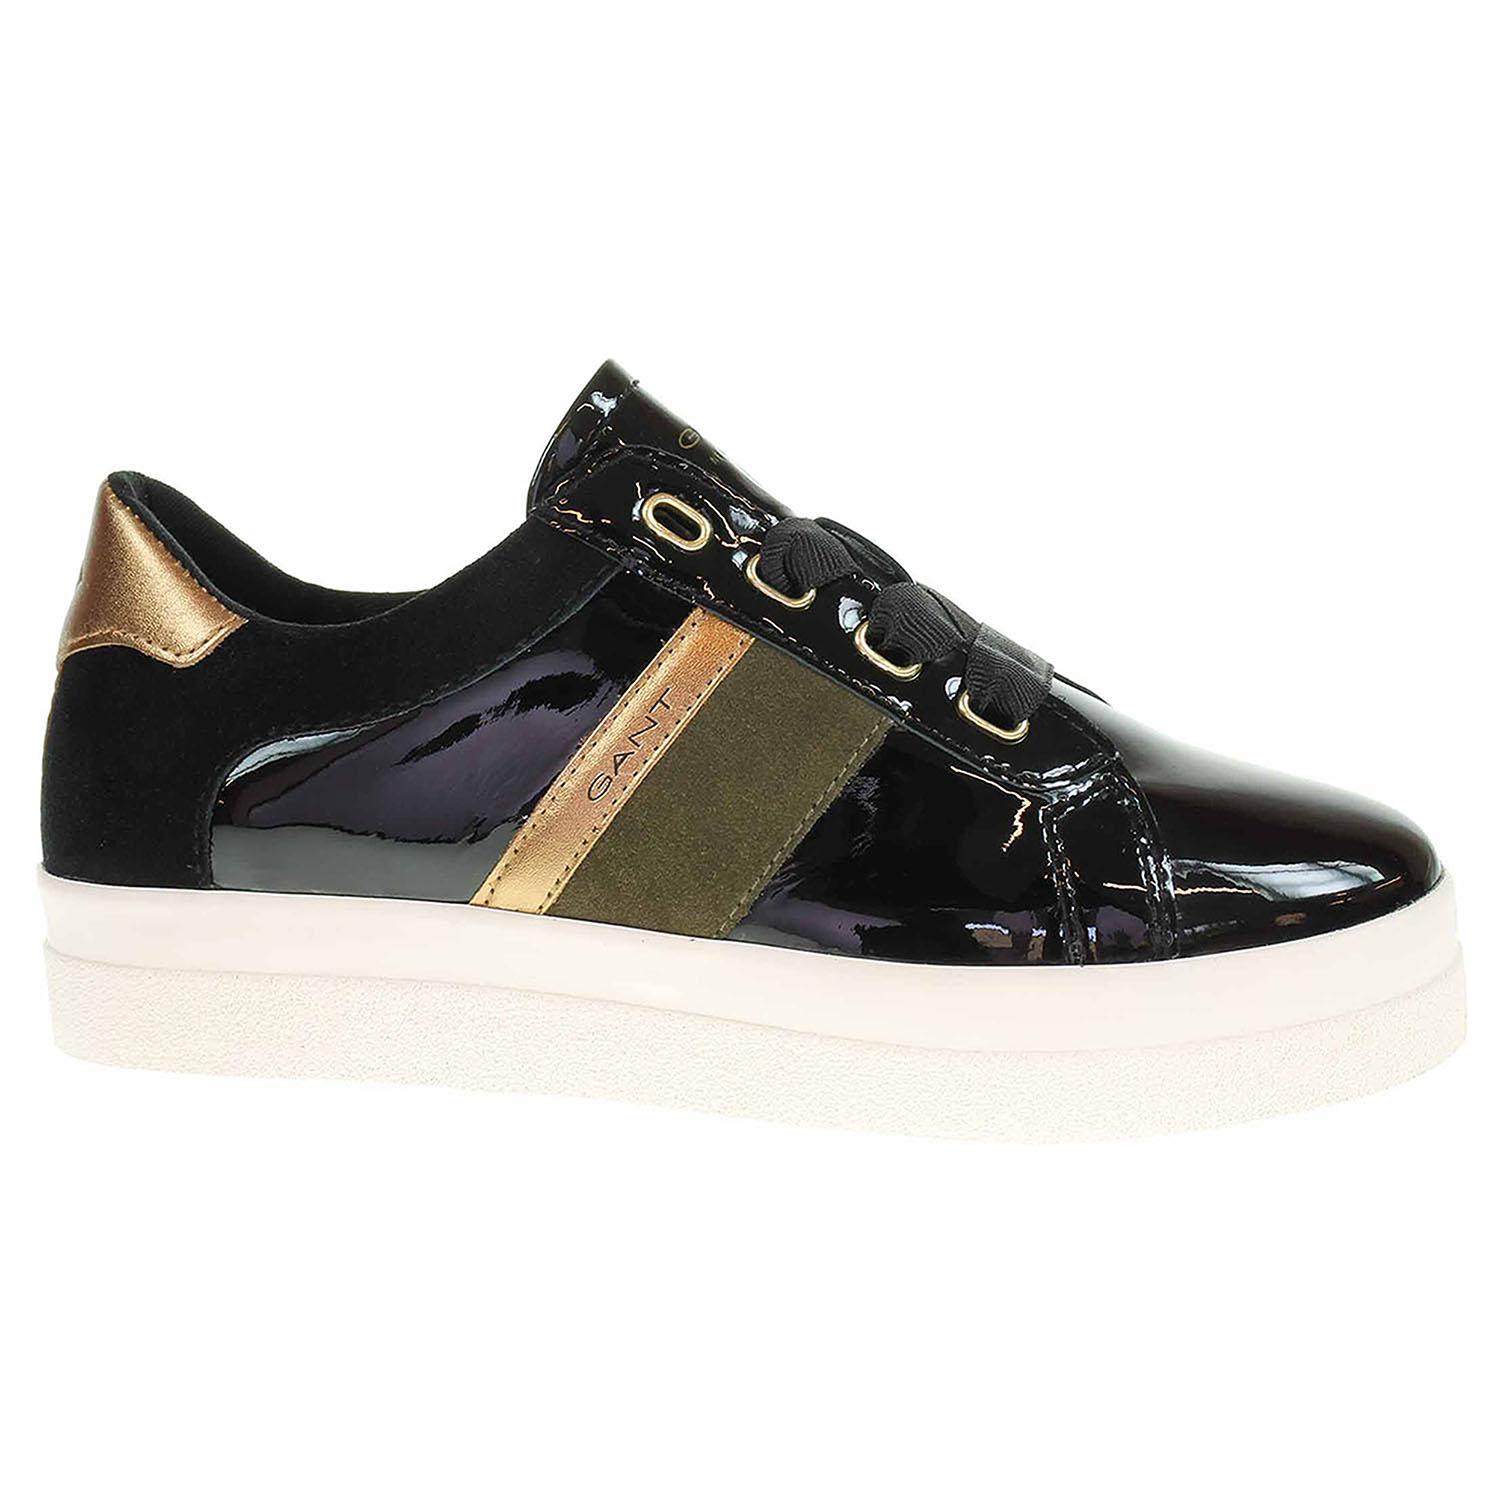 Dámská obuv Gant Avona 21531911 G00 black 21531911 G00 39